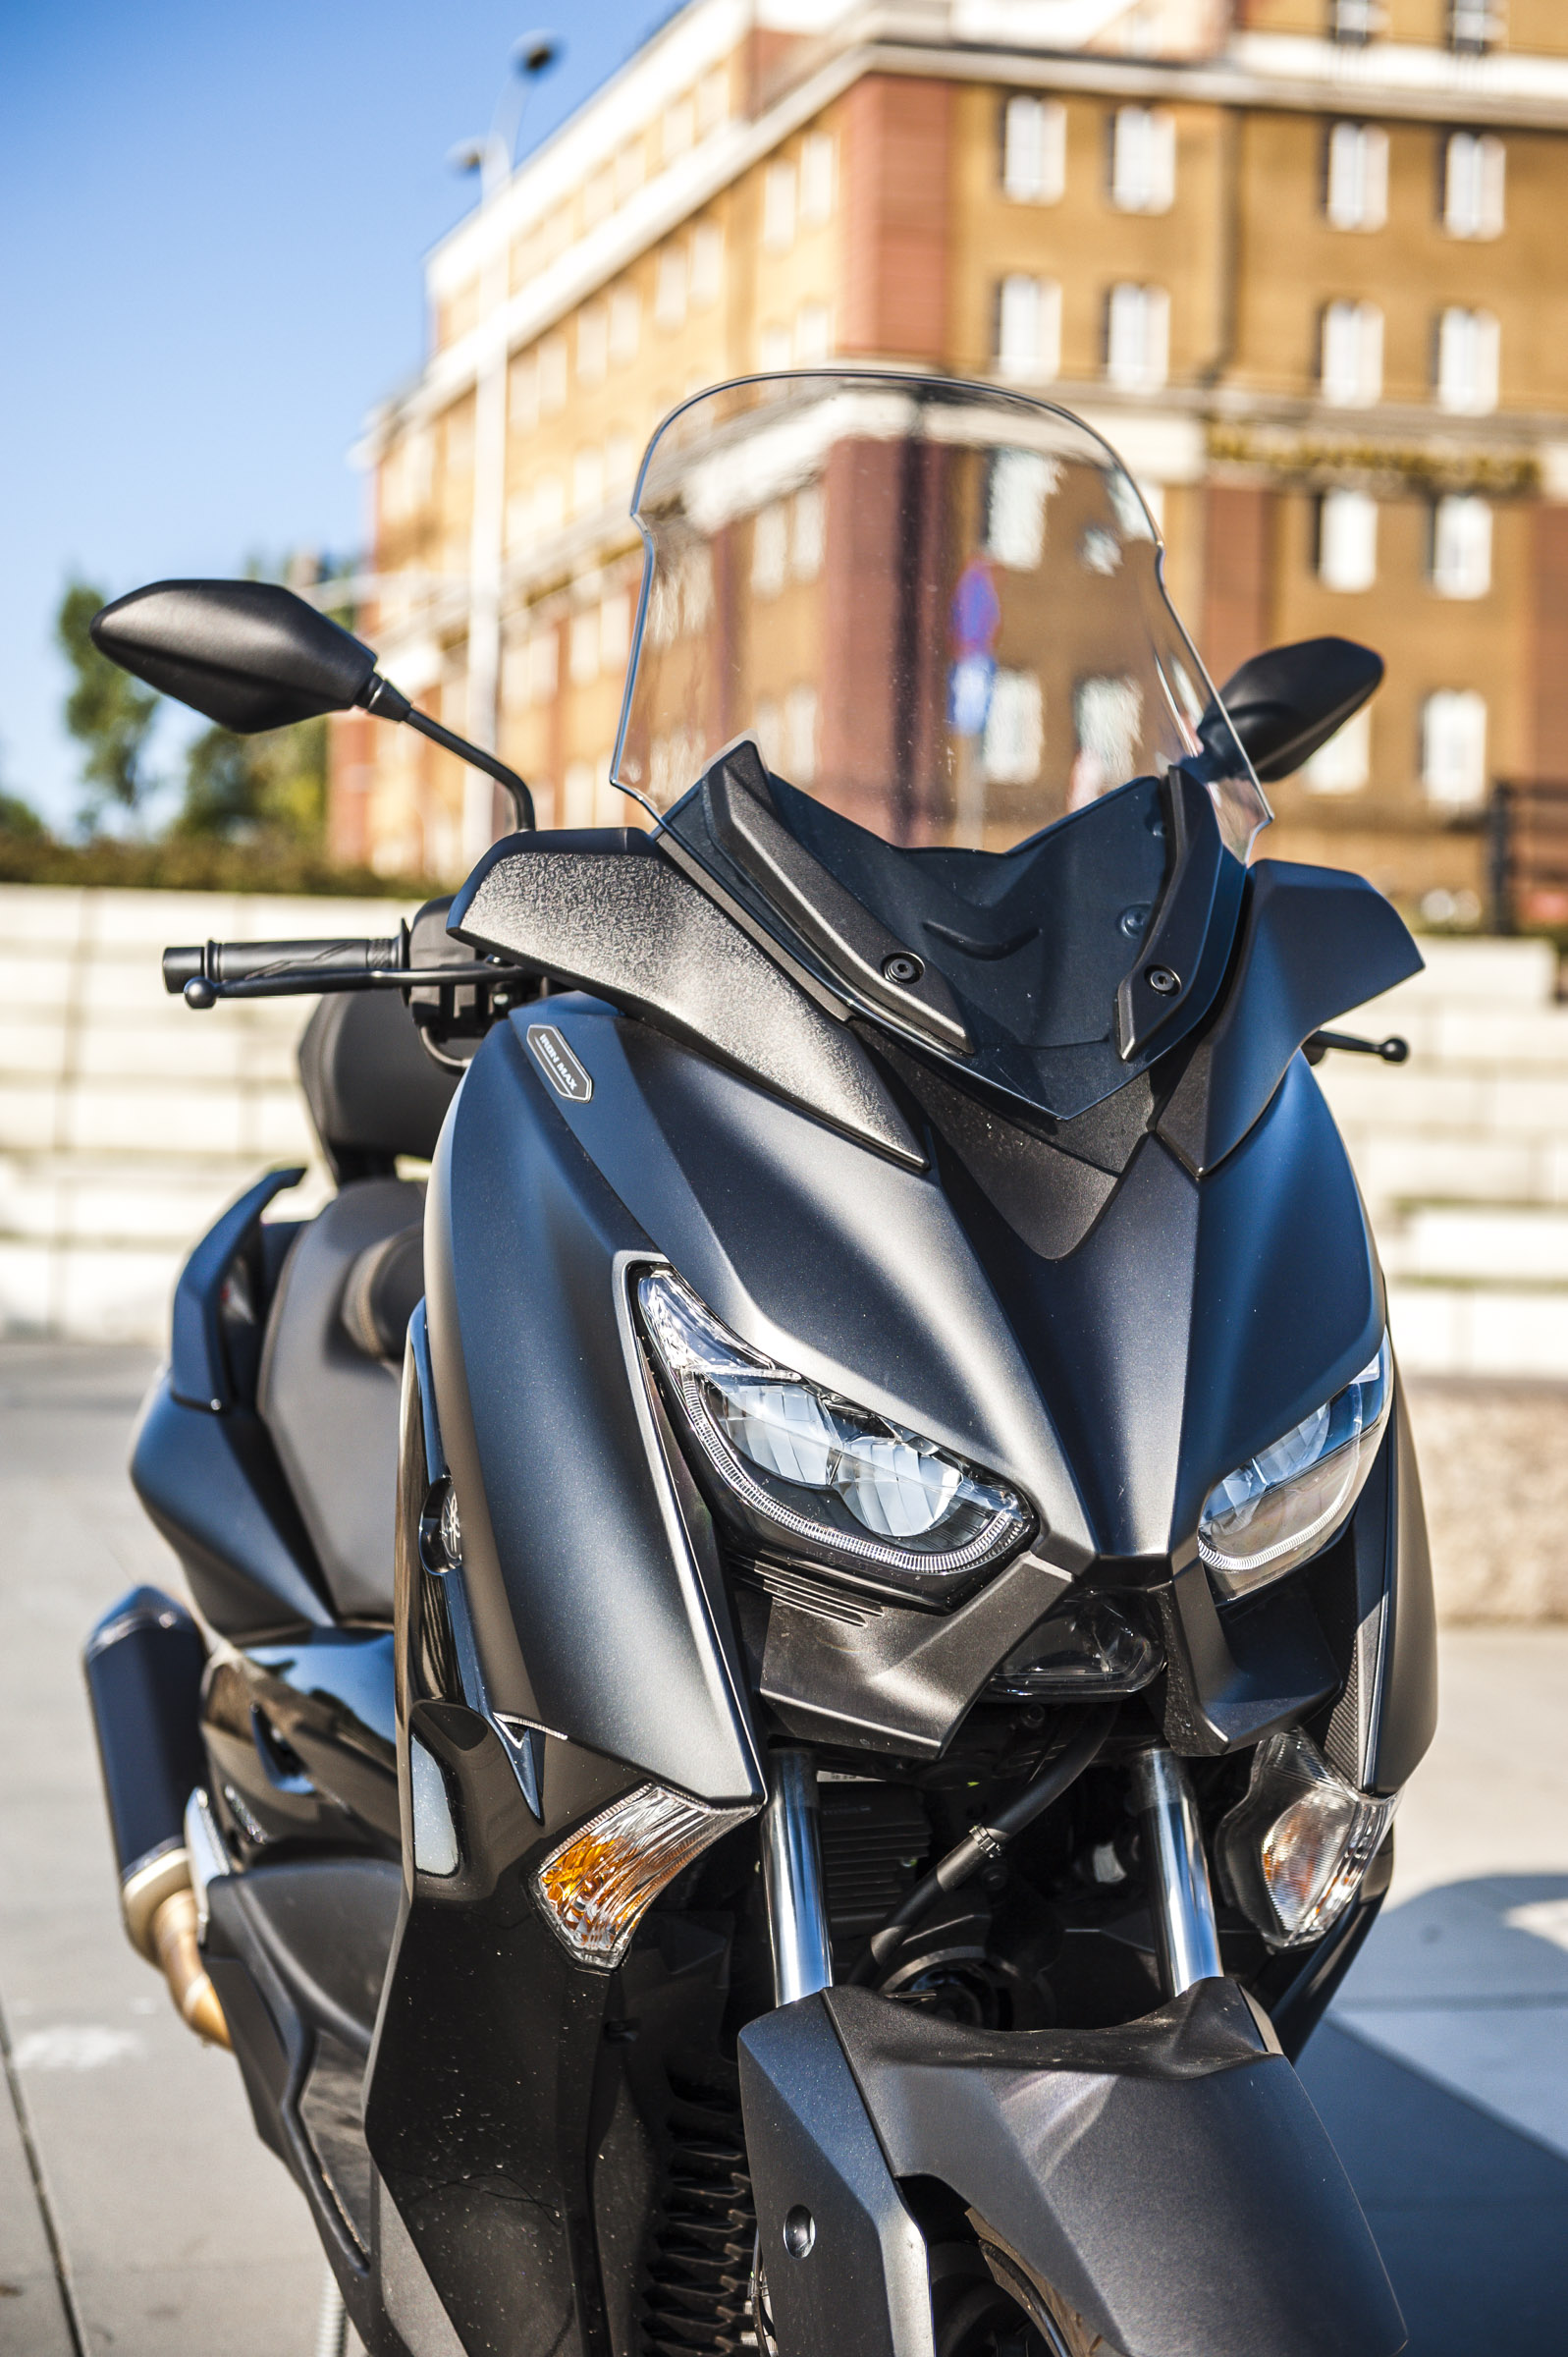 Yamaha Xmax 125 Iron swiatla